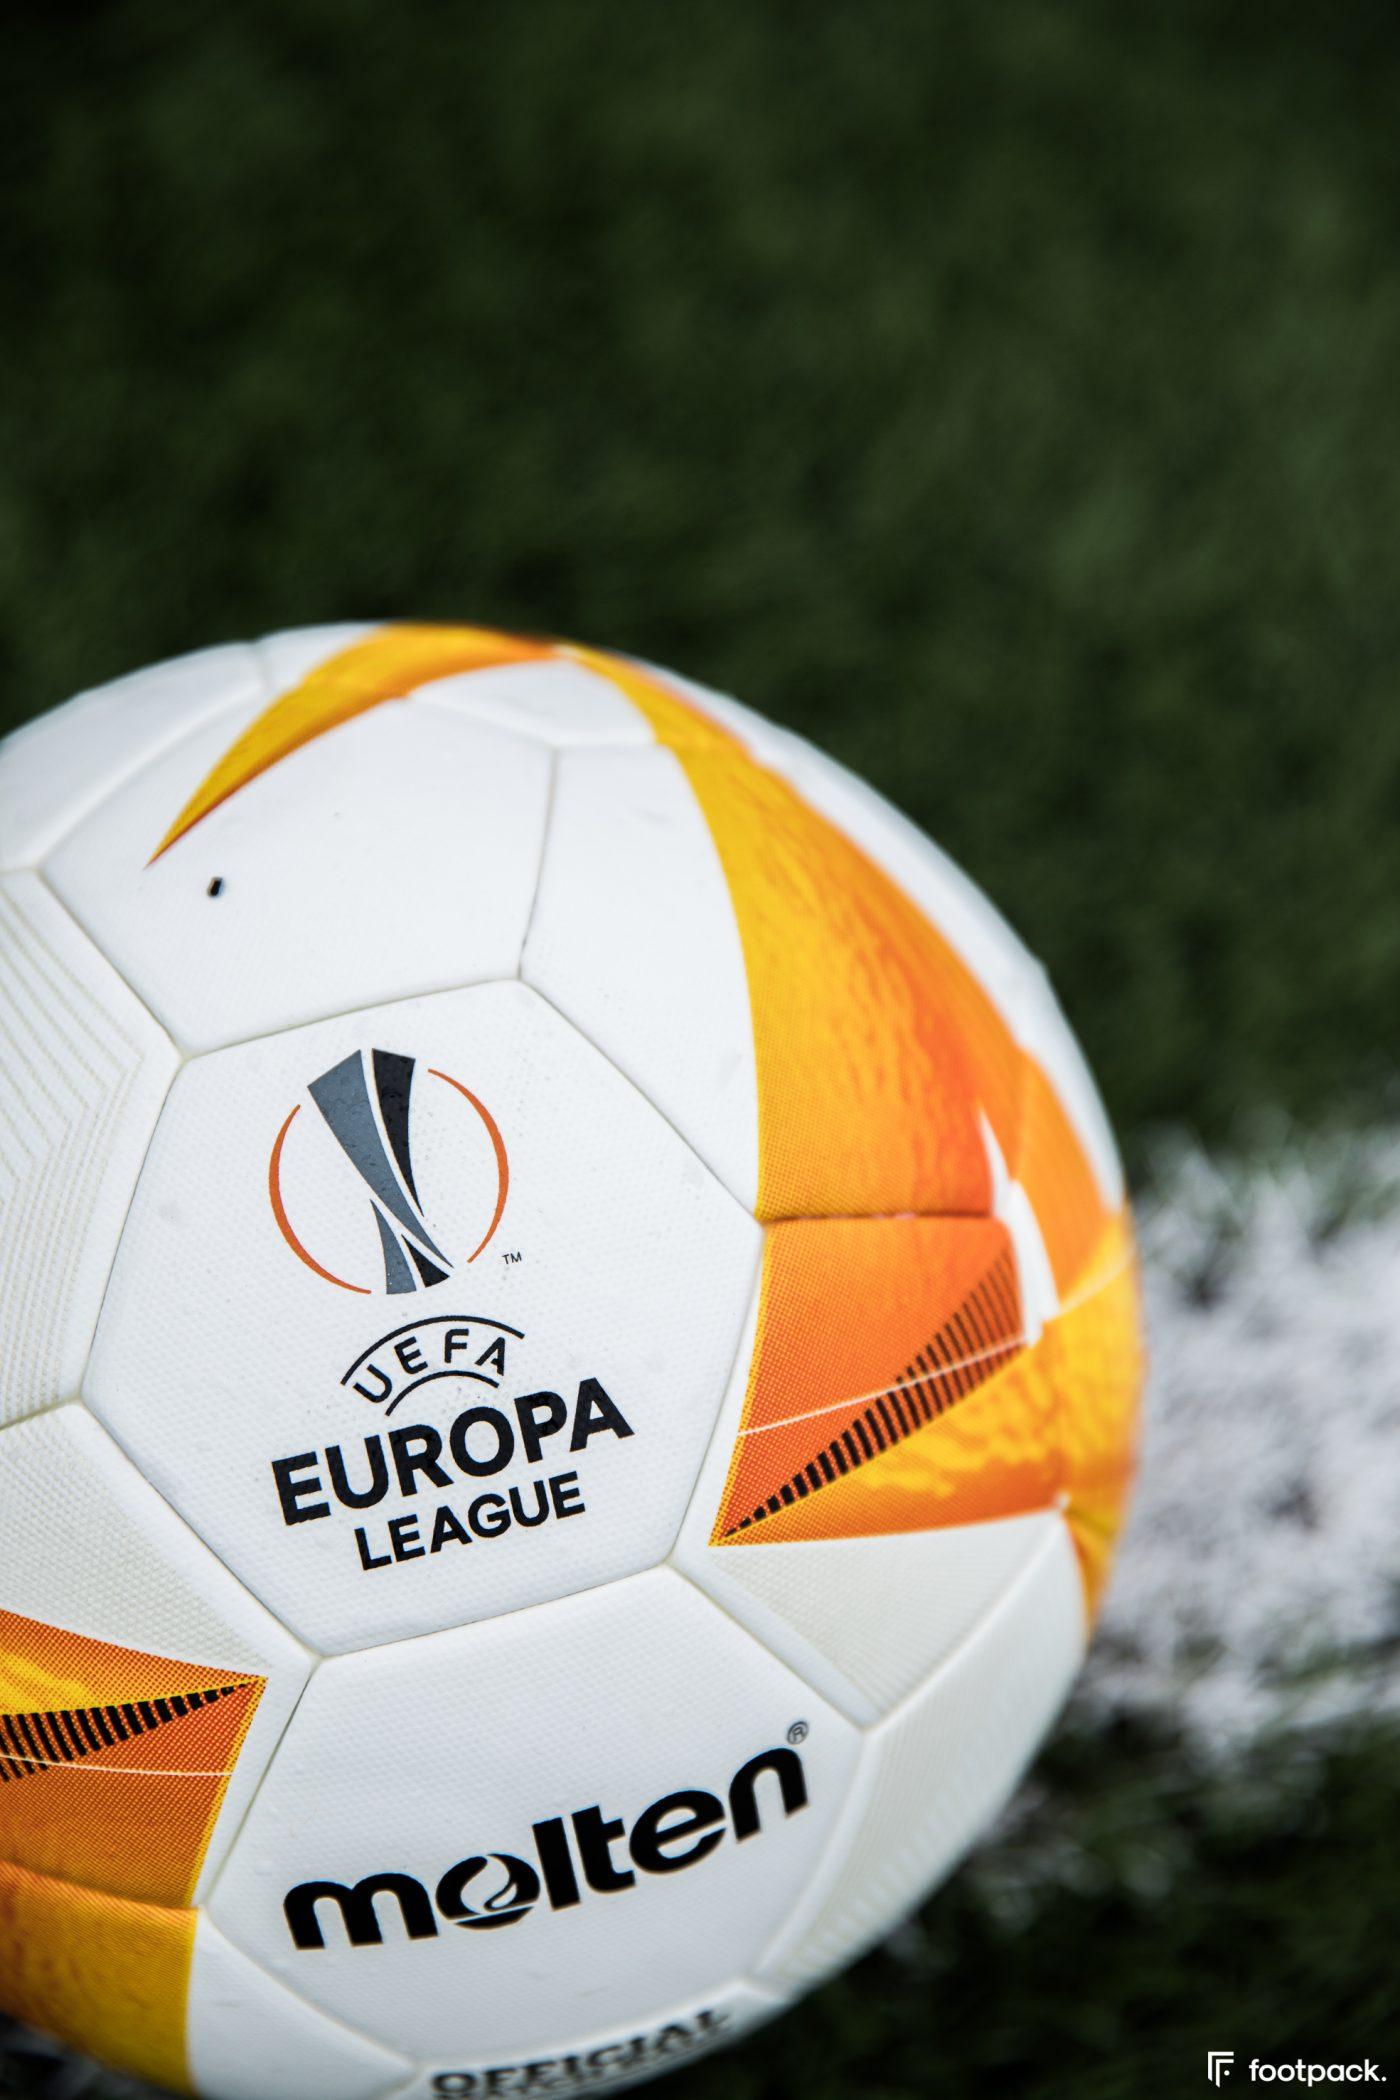 molten-europa-league-conference-league-2